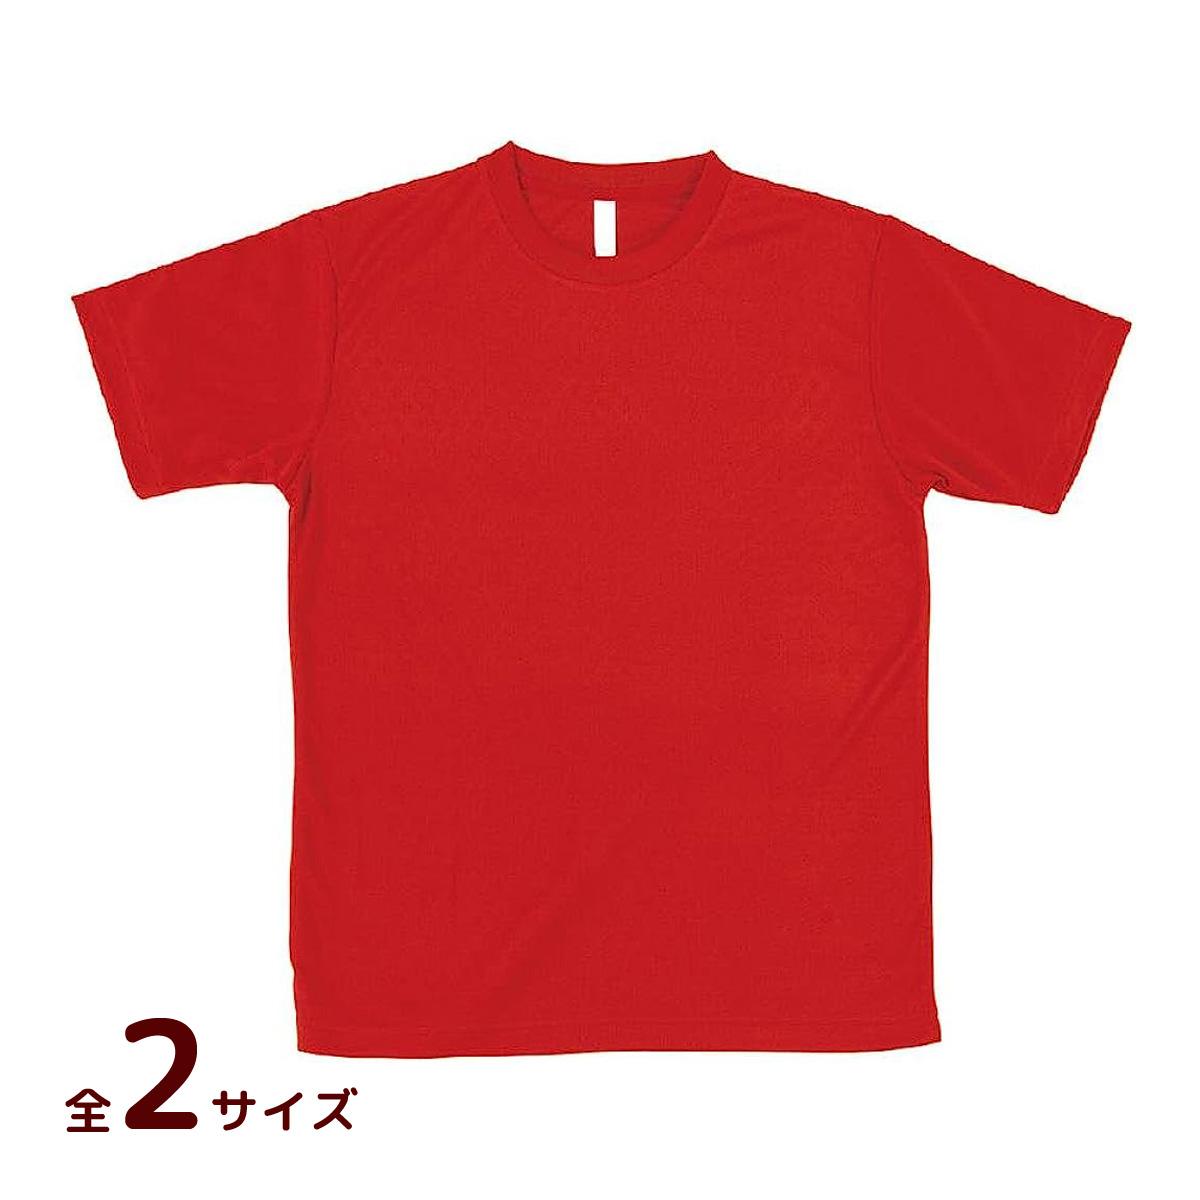 AT ドライTシャツ レッド 100gポリ100% キッズ 小学生 中学生 Tシャツ 男の子 着替え イベント 衣装